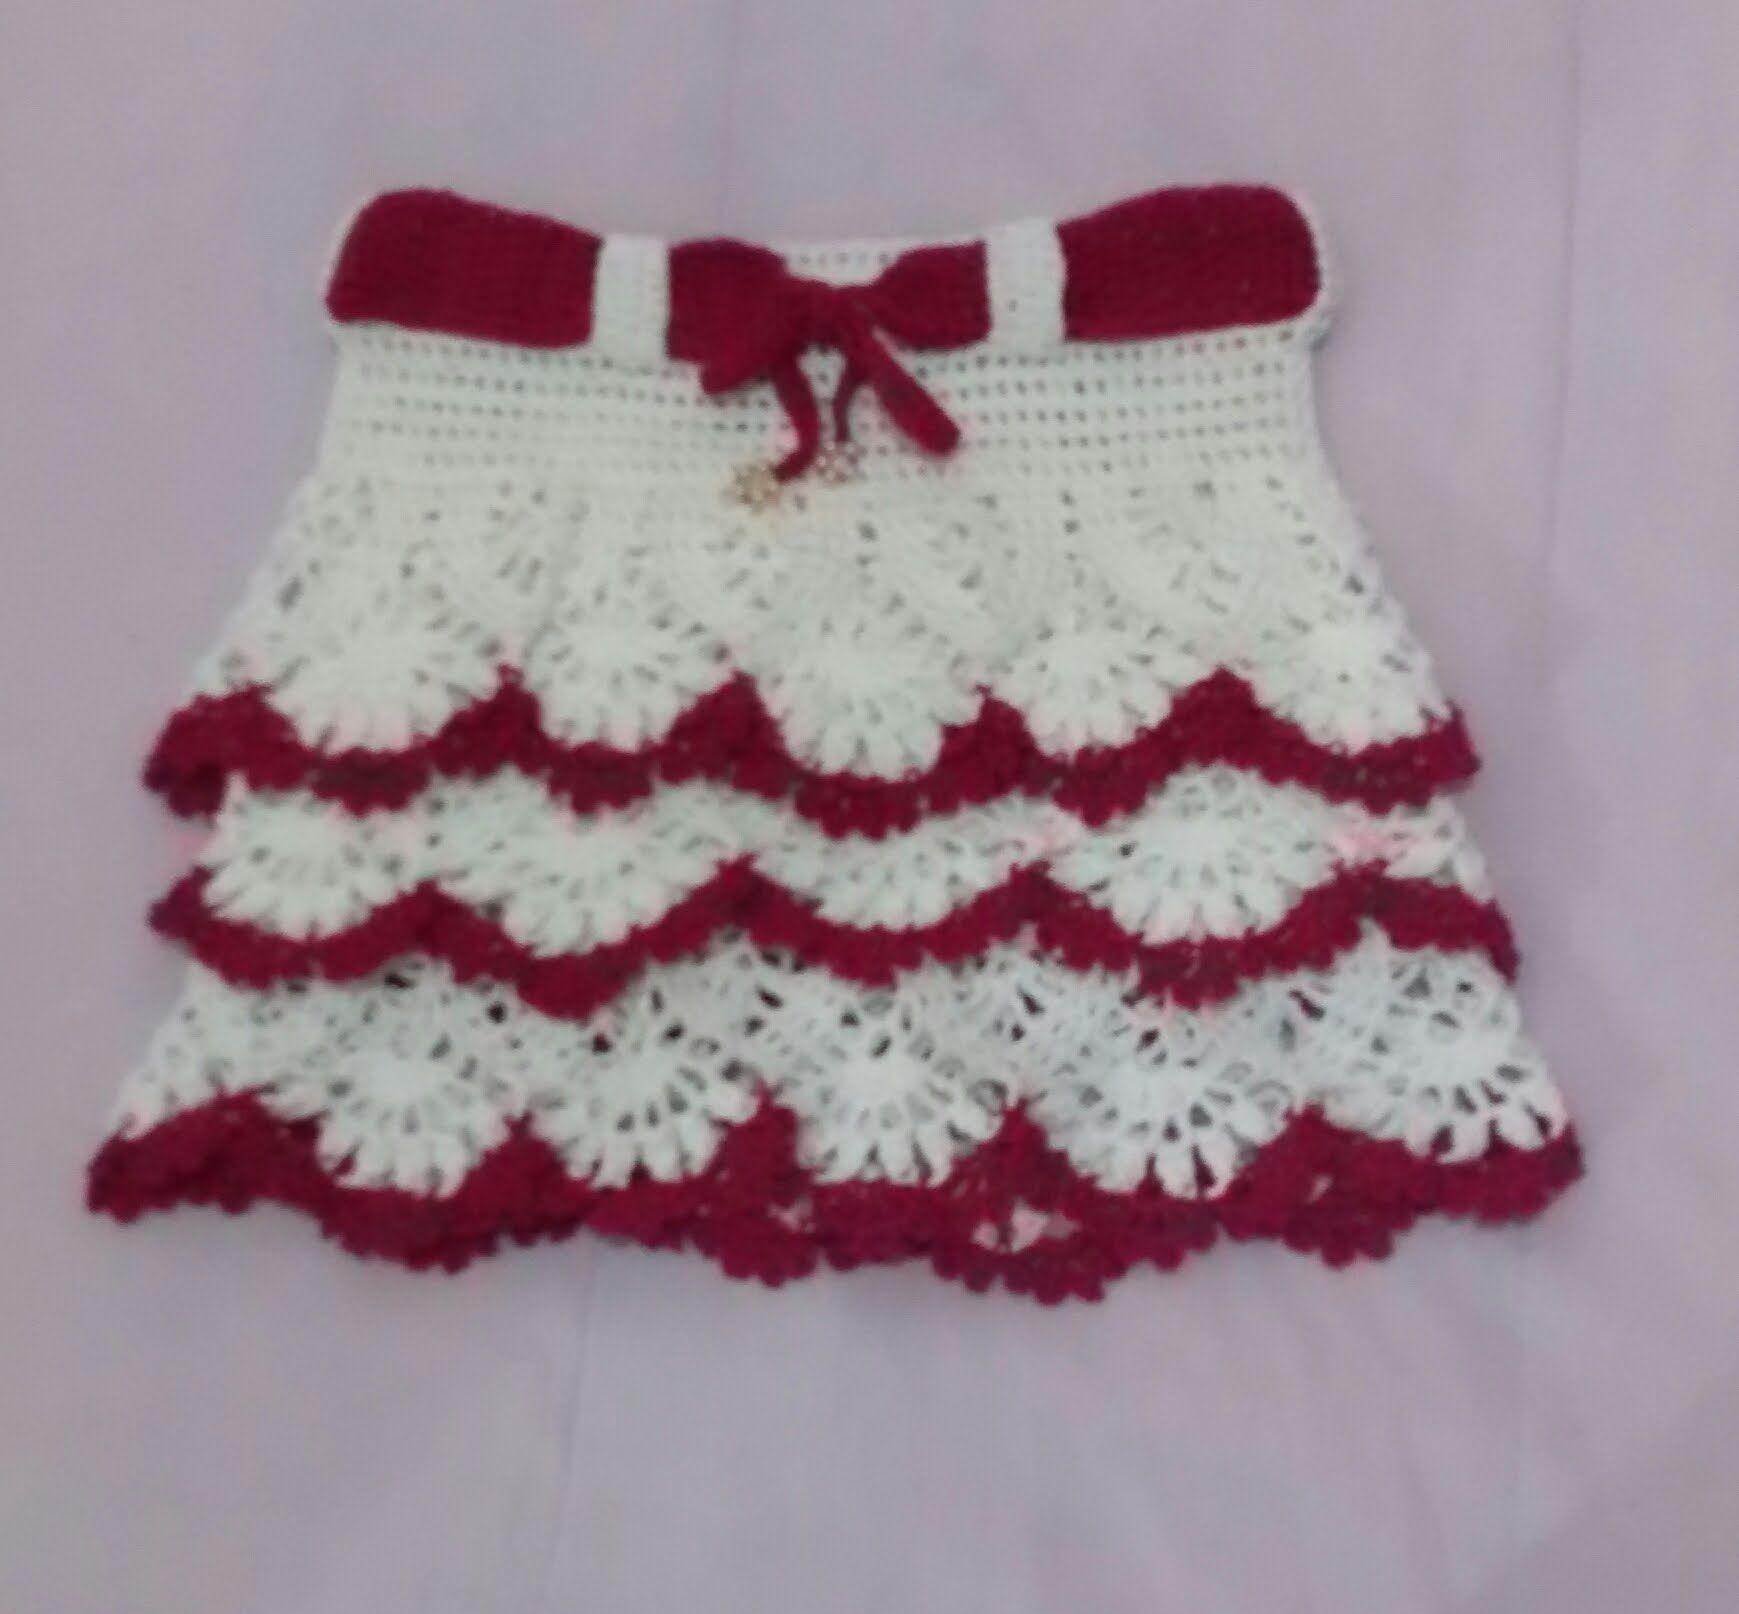 SAIA INFANTIL EM CROCHE PASSO A PASSO - PARTE 1° | croche | Pinterest